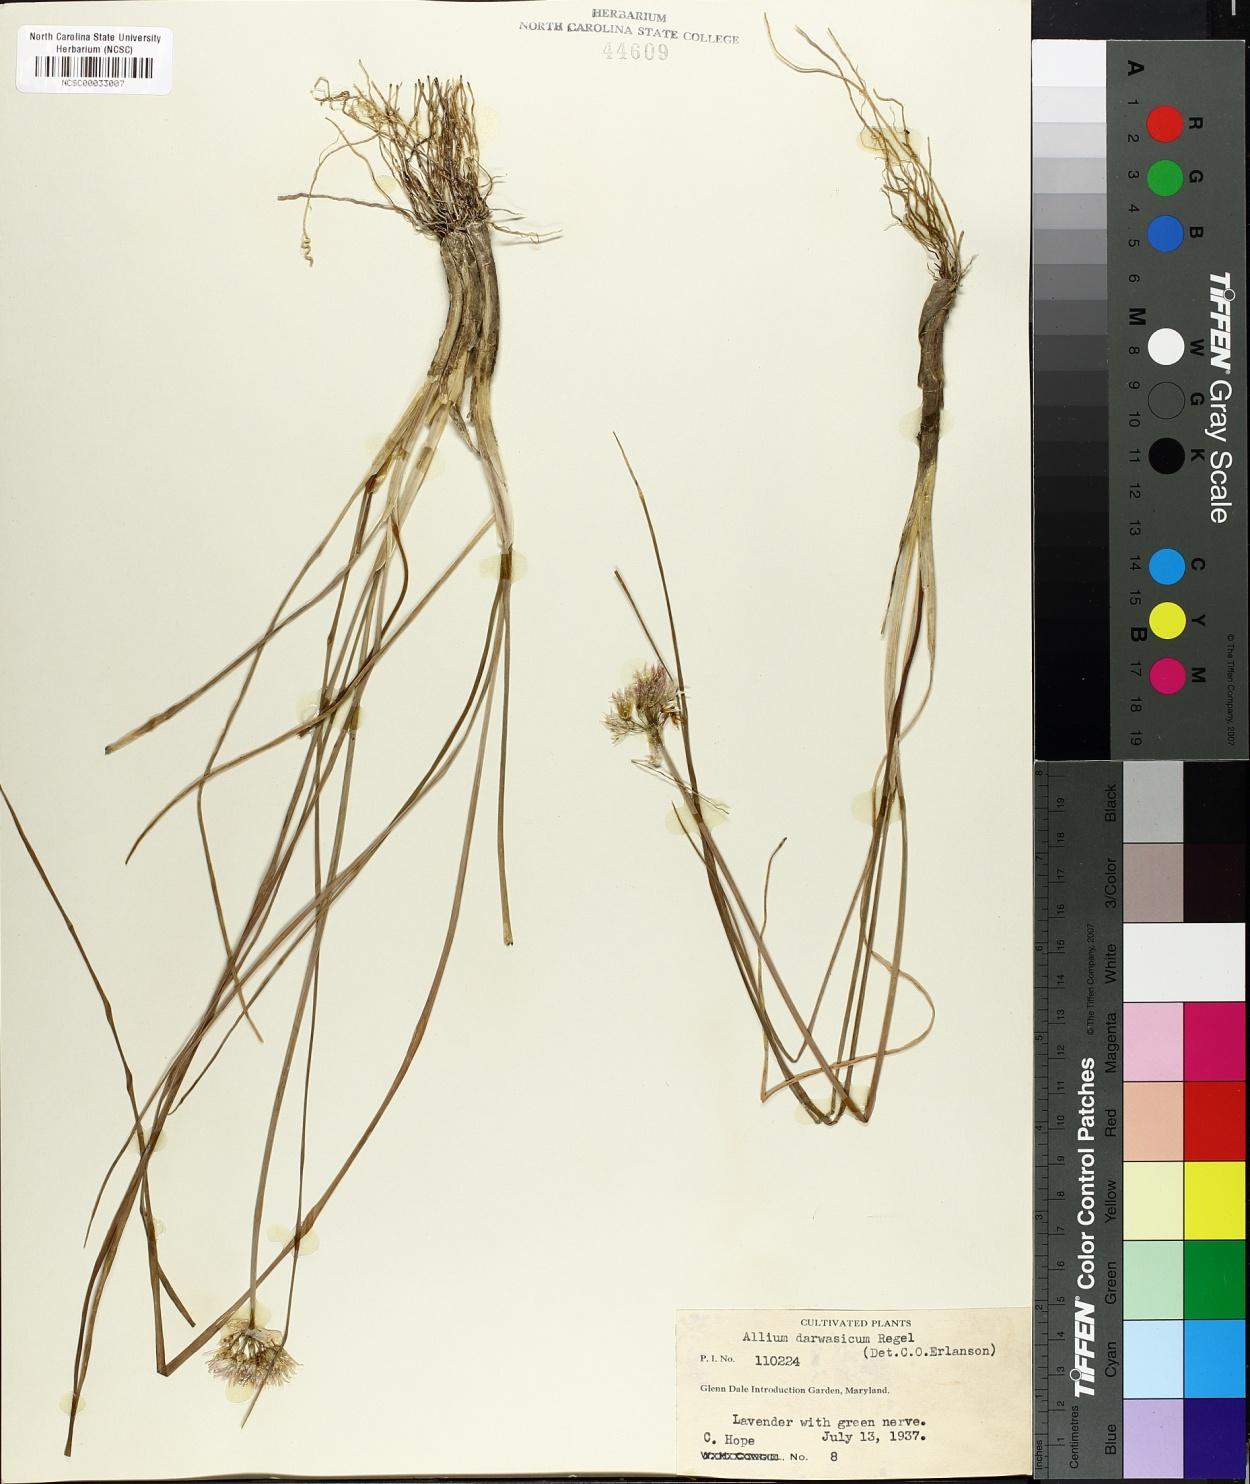 Allium darwasicum image